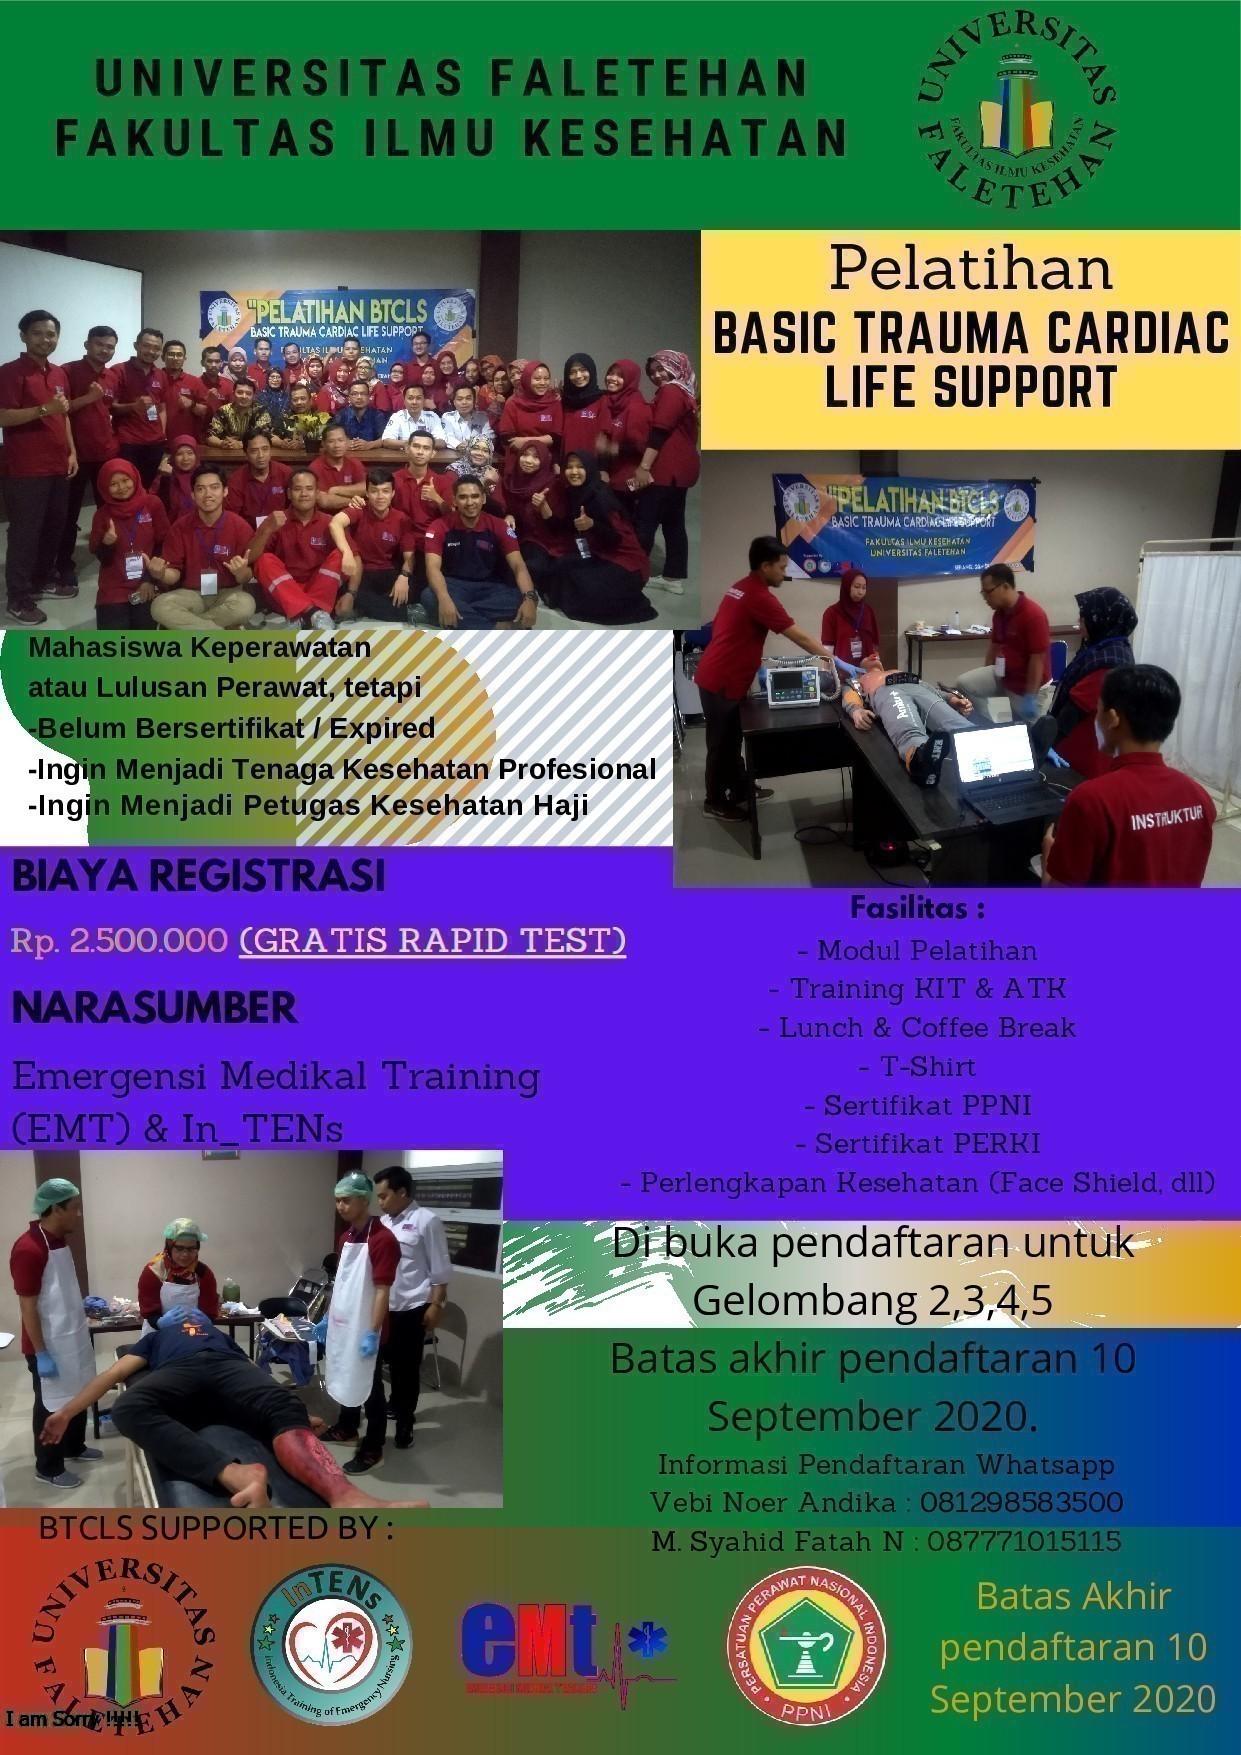 Tingkatkan kompetensi mahasiswa, Fakultas Ilmu Kesehatan Universitas Faletehan